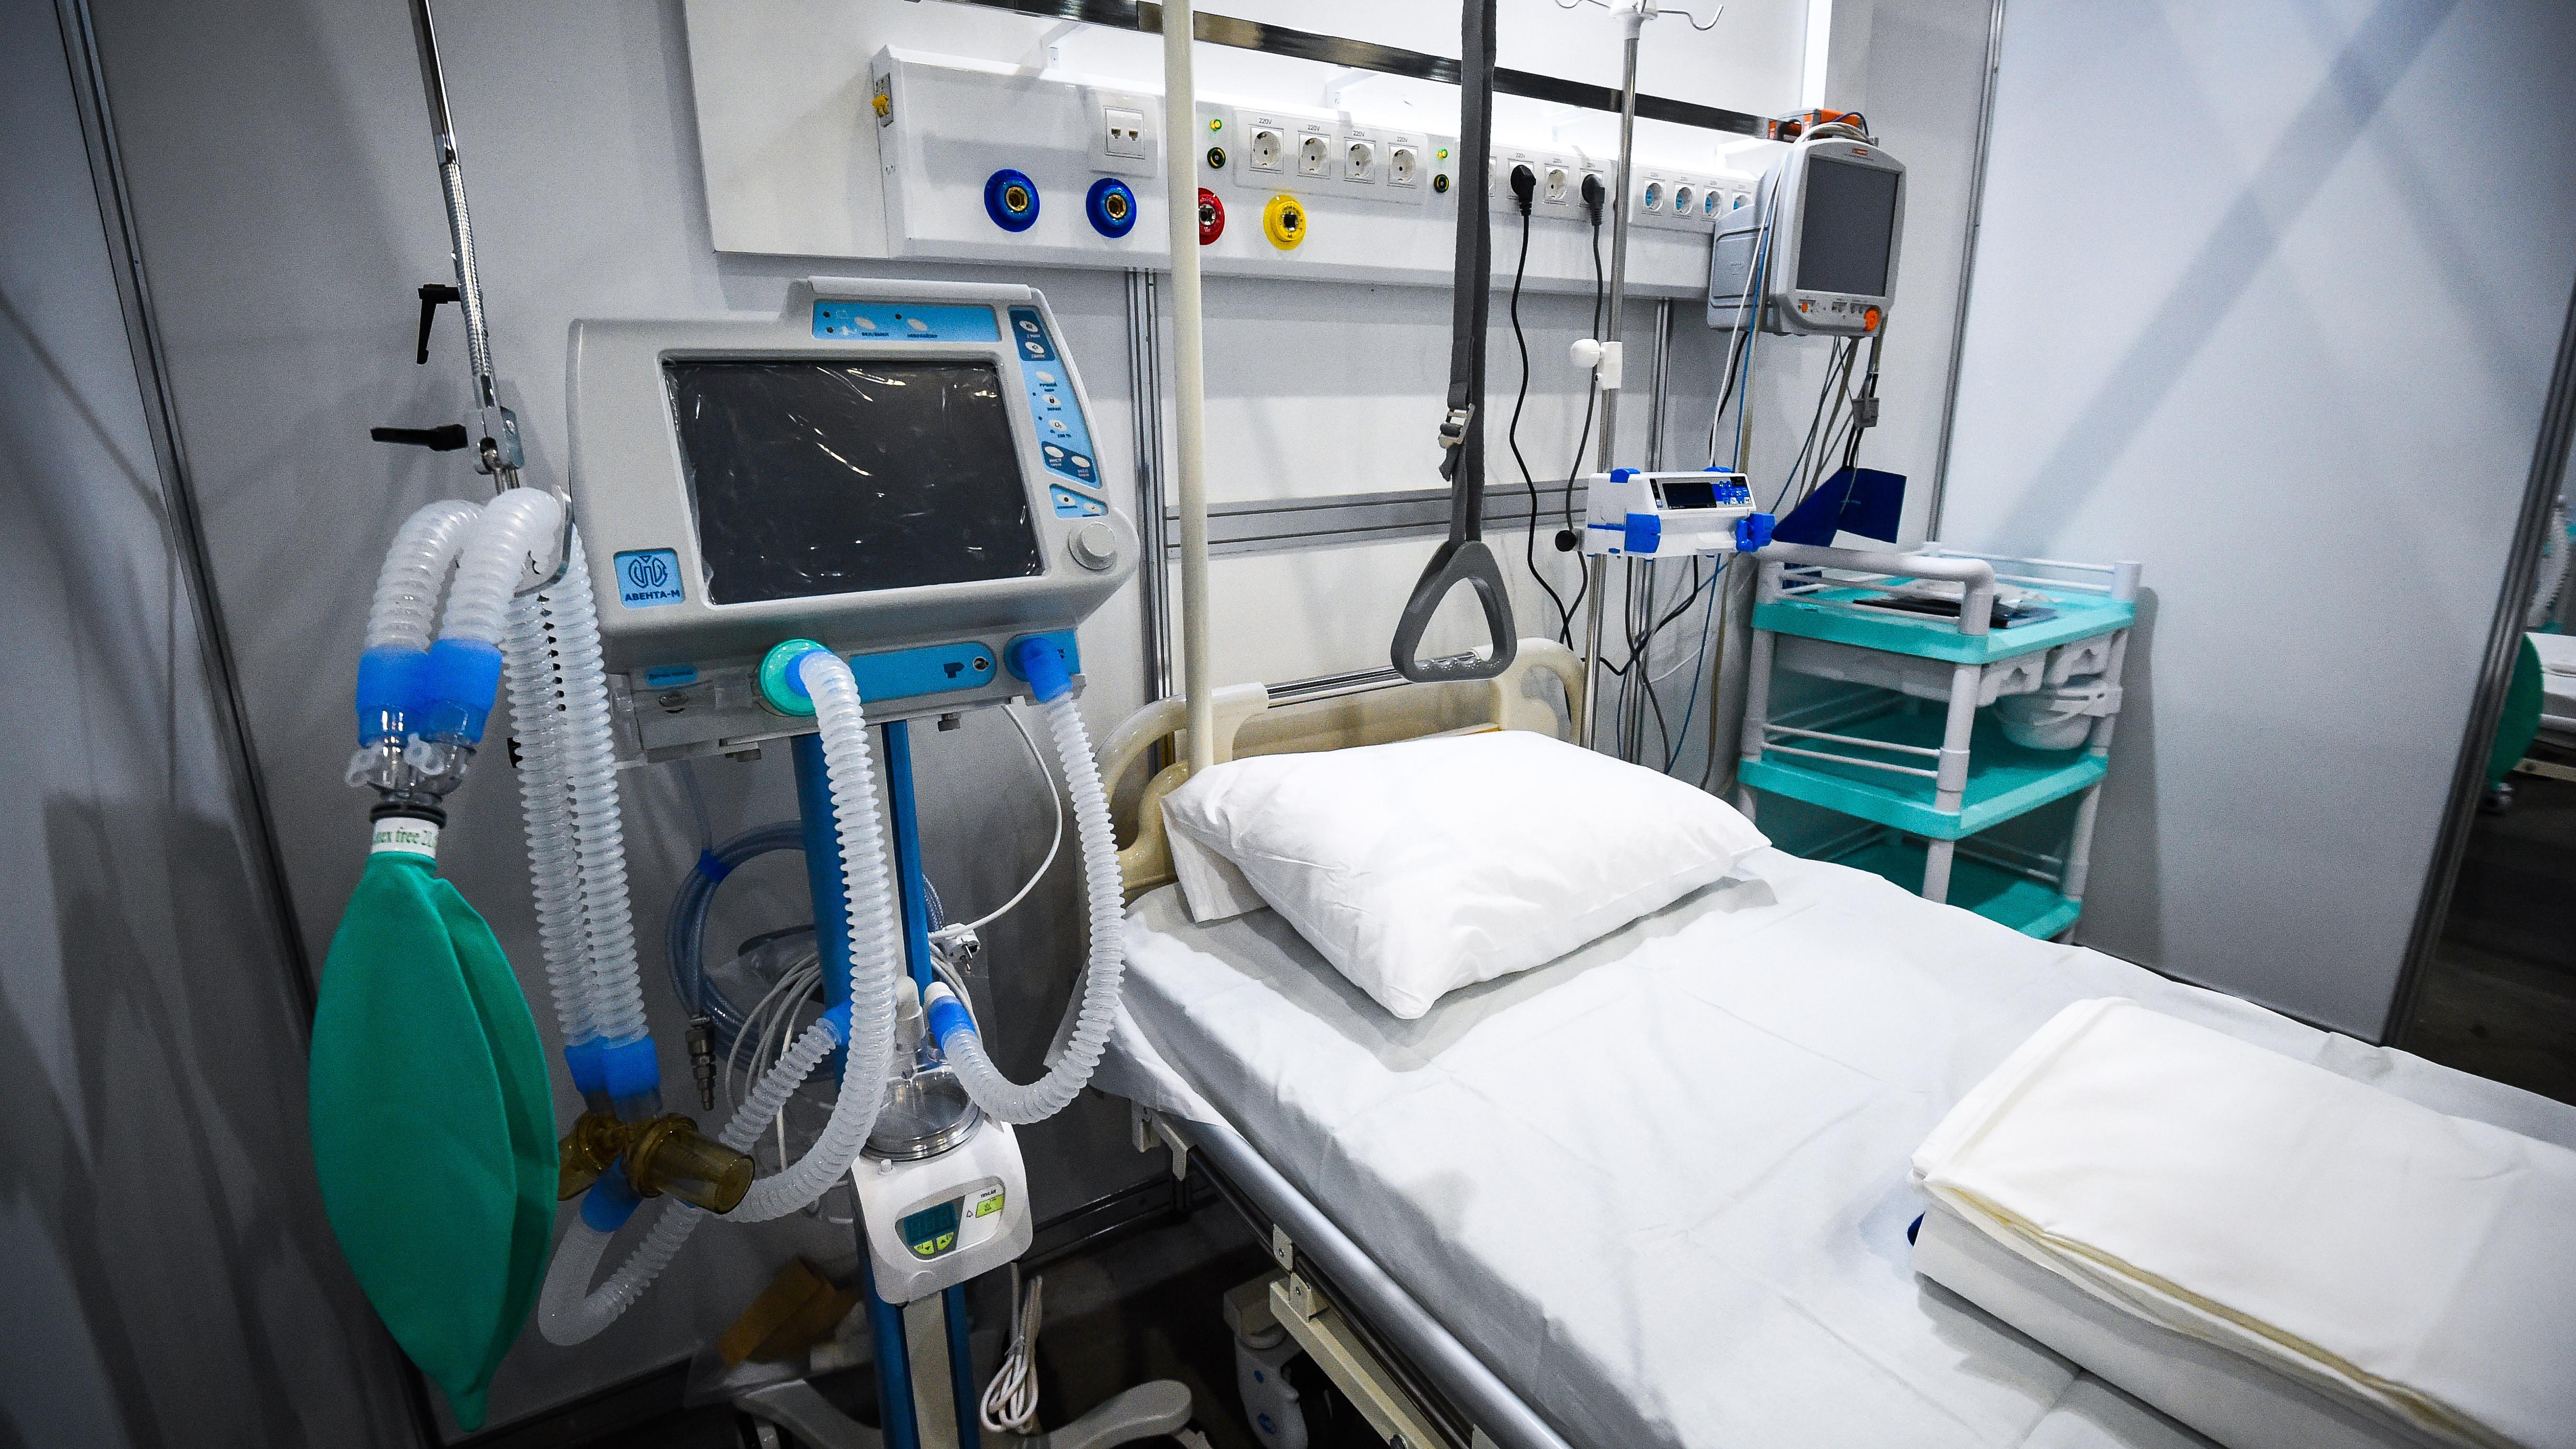 Врачи в Солнечногорске спасли 94-летнюю пациентку с коронавирусом и патологиями